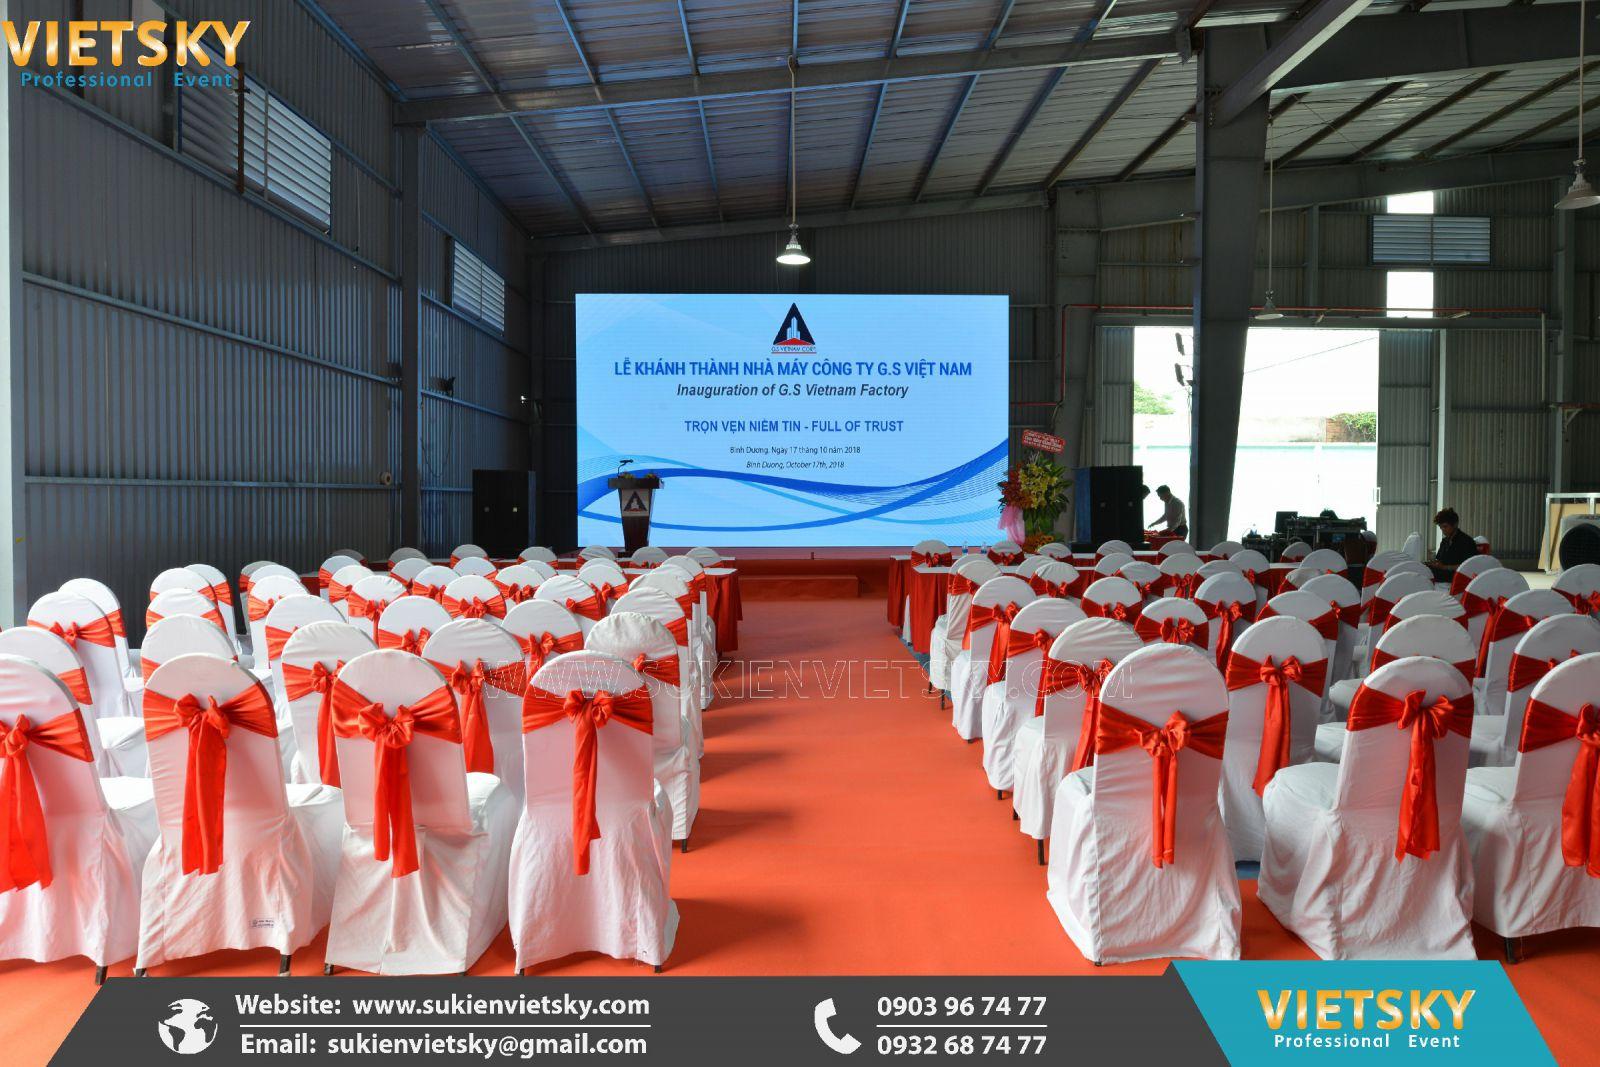 tổ chức lễ khánh thành nhà máy chuyên nghiệp tại hcm